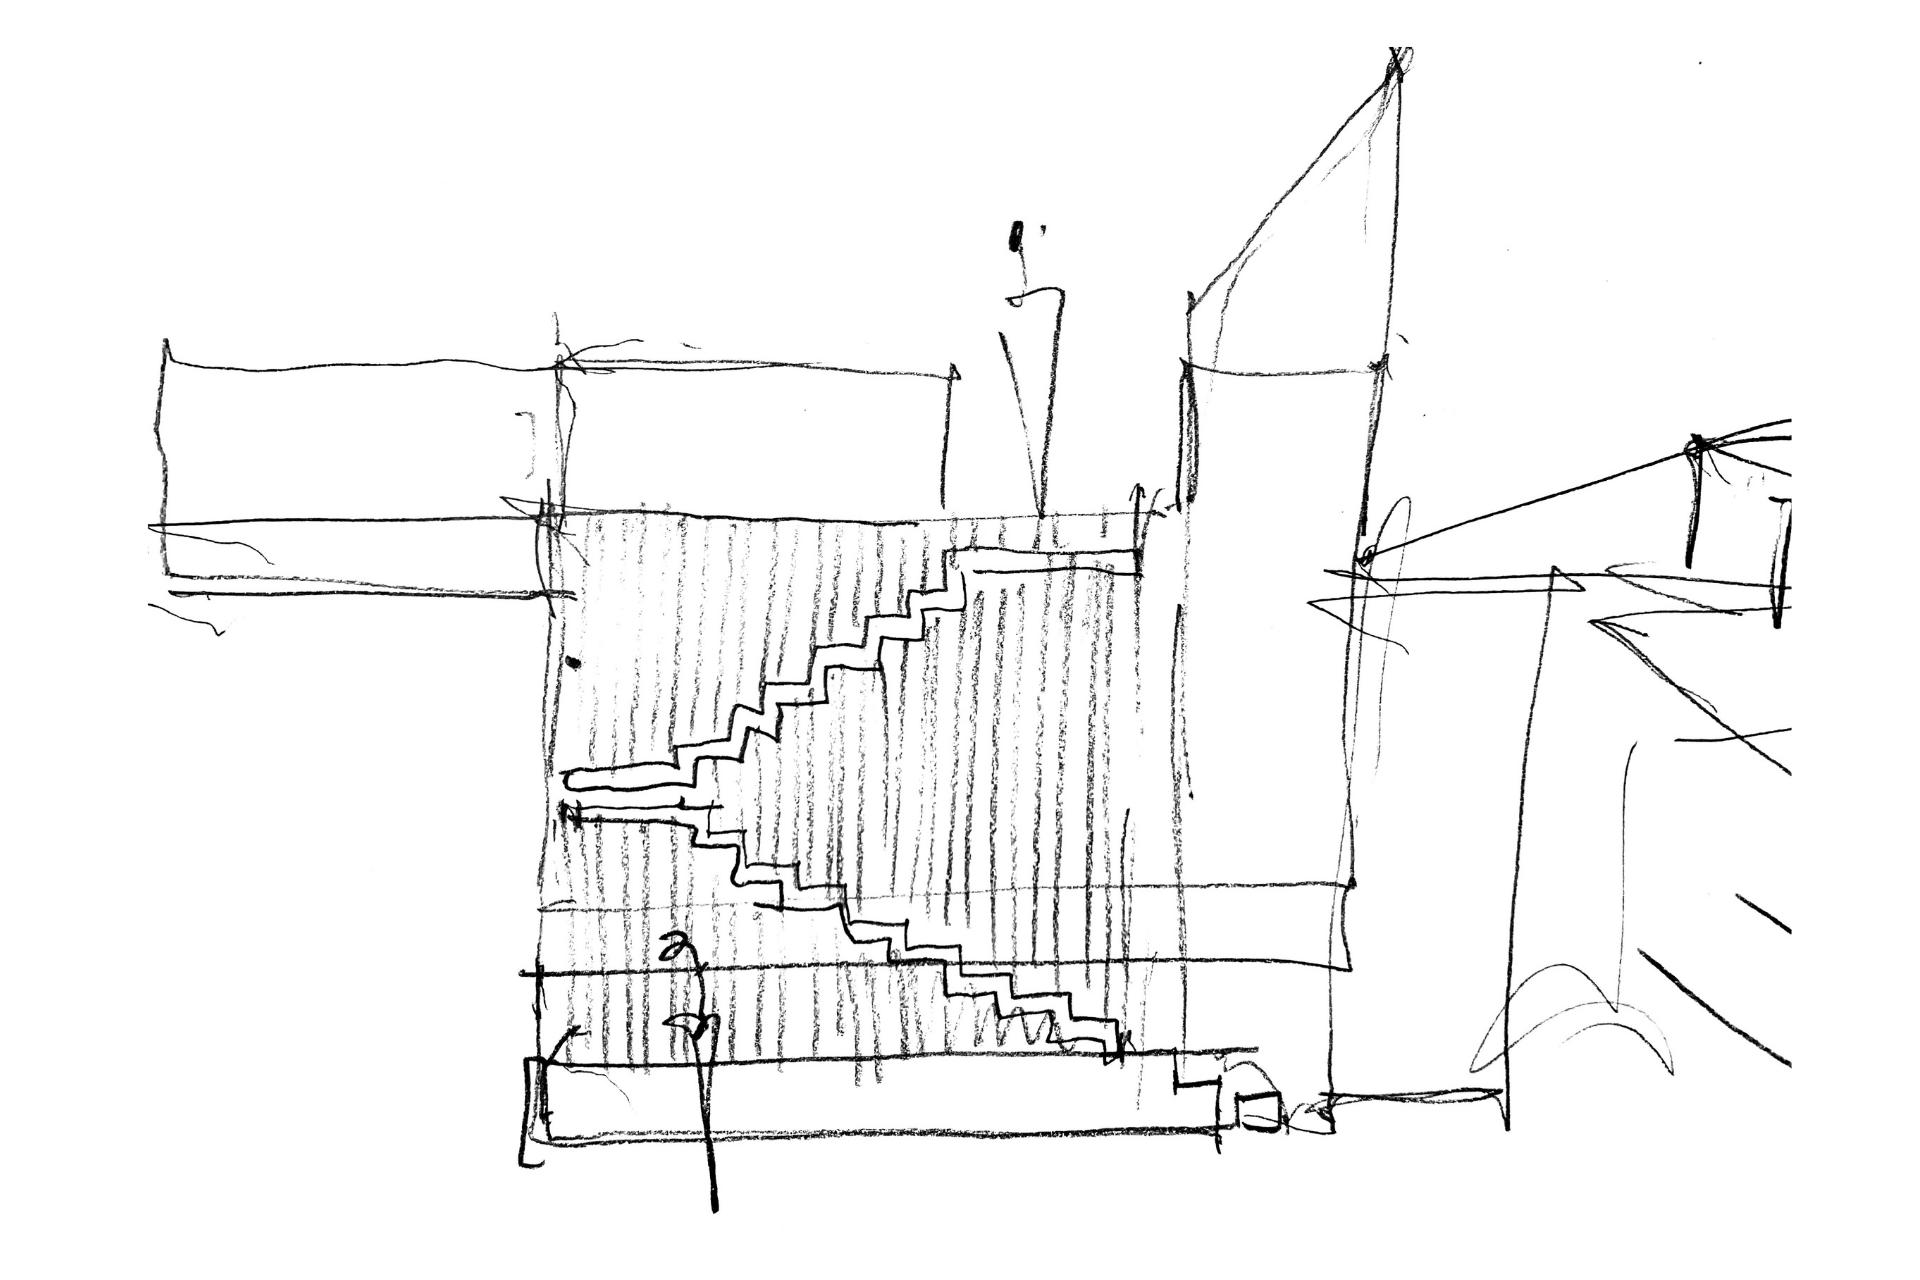 Proyecto del estudio de arquitectura FH2L Arquitectos de una reforma integral de una vivineda unifamiliar. Pozuelo de Alarcón-Madrid.